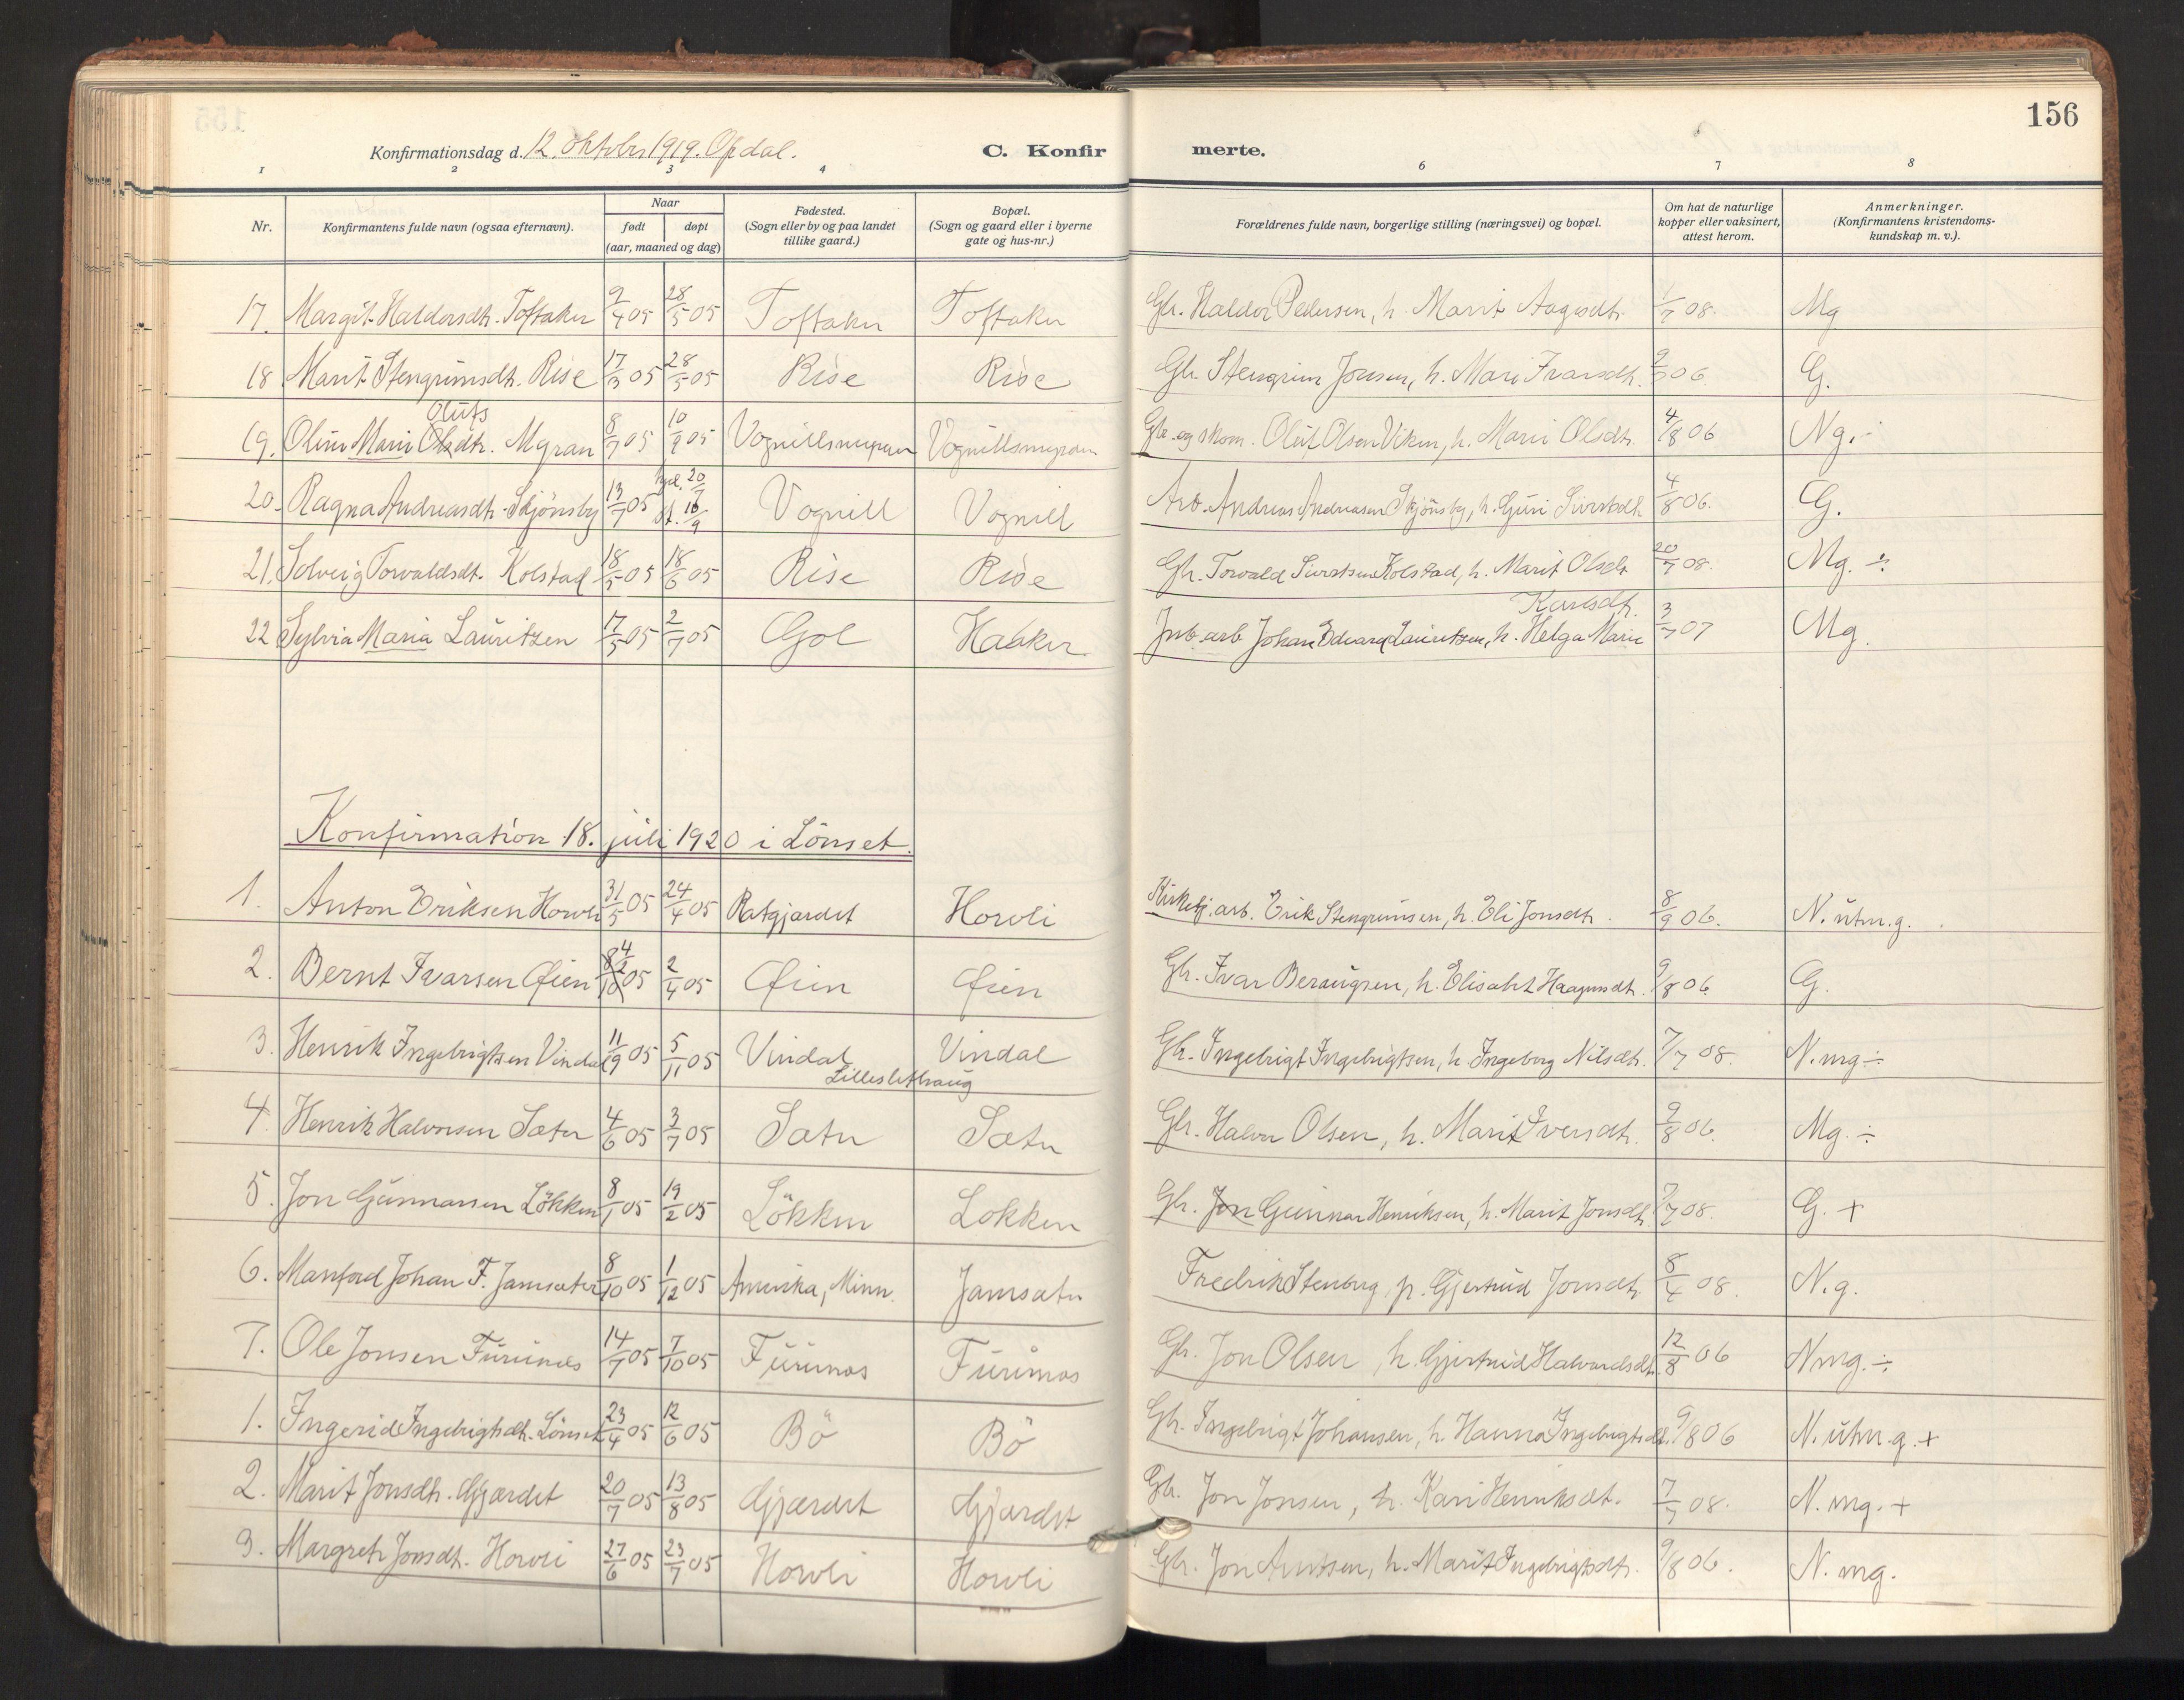 SAT, Ministerialprotokoller, klokkerbøker og fødselsregistre - Sør-Trøndelag, 678/L0909: Ministerialbok nr. 678A17, 1912-1930, s. 156